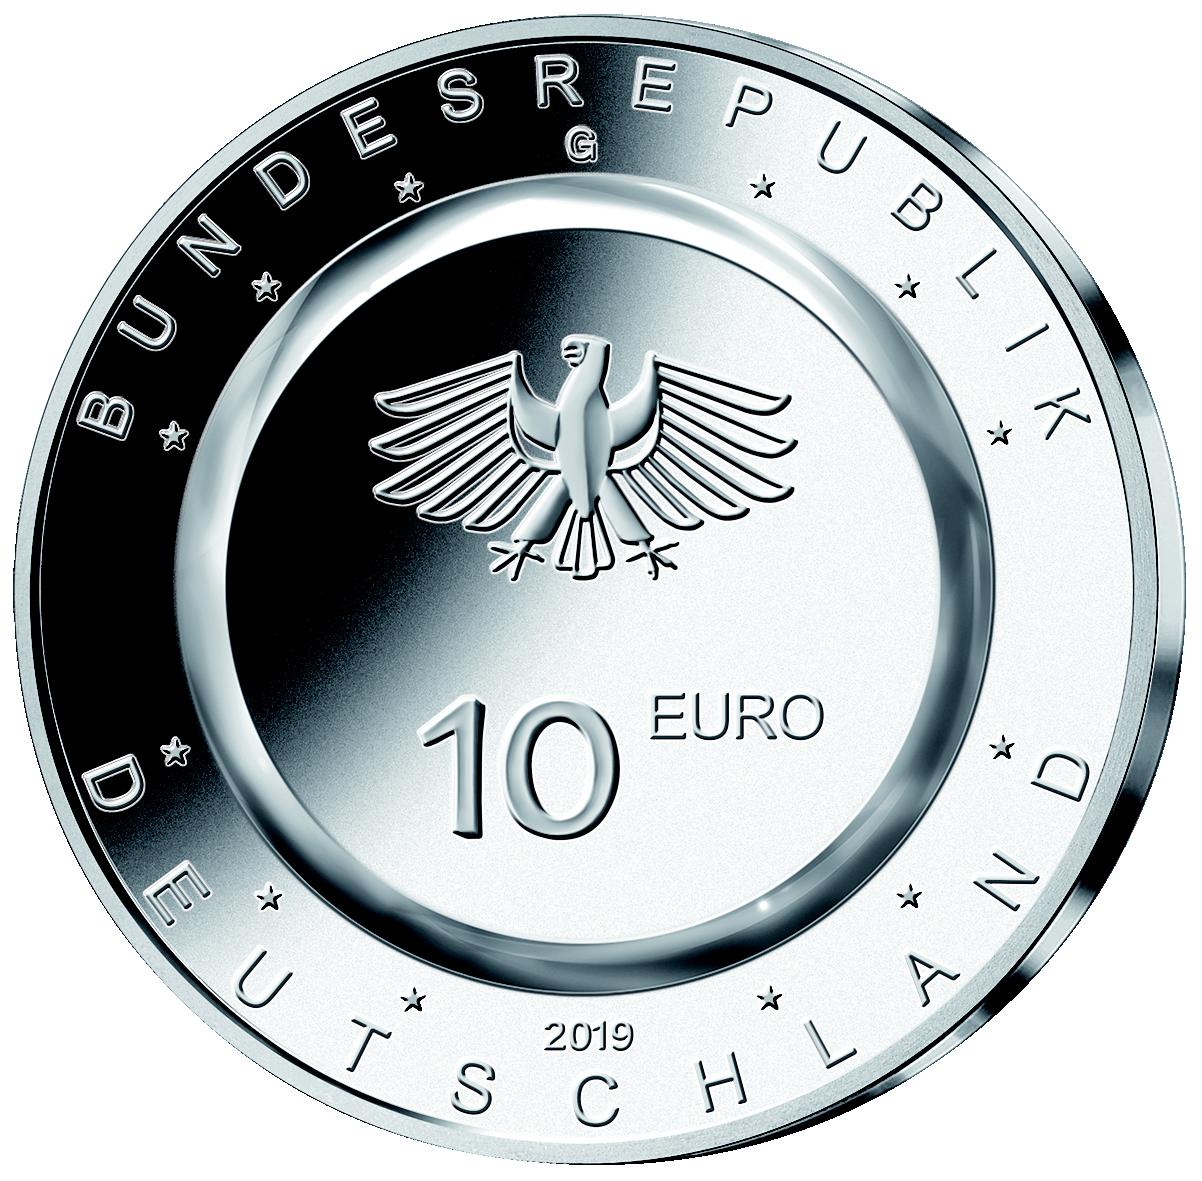 25 X 10 Euro Münzrolle Brd 2019 In Der Luft St Münzen Günstigerde